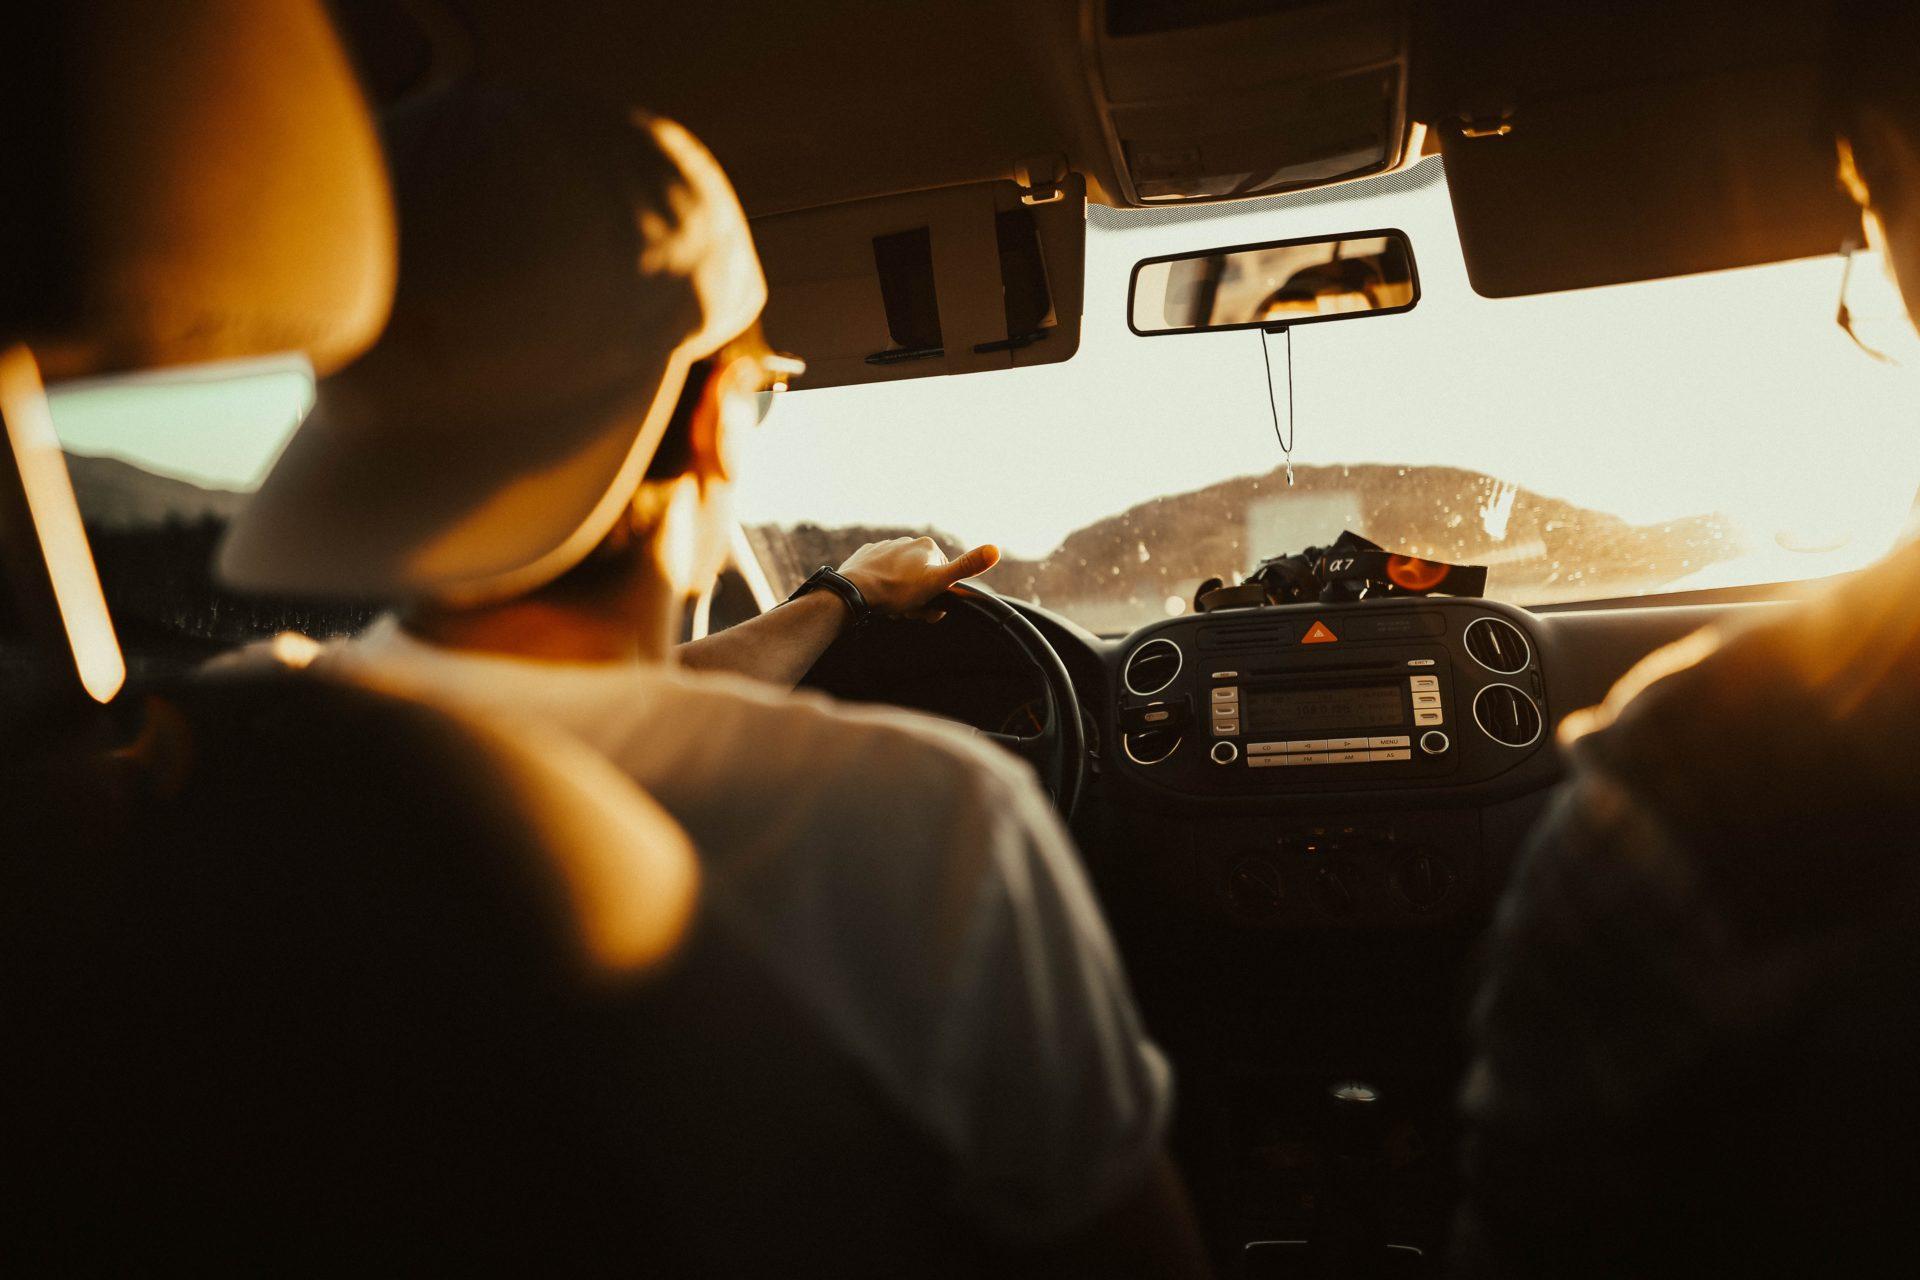 Pannenhilfe Mit Myschleppapp Das Sind Die Vorteile Fur Autofahrer